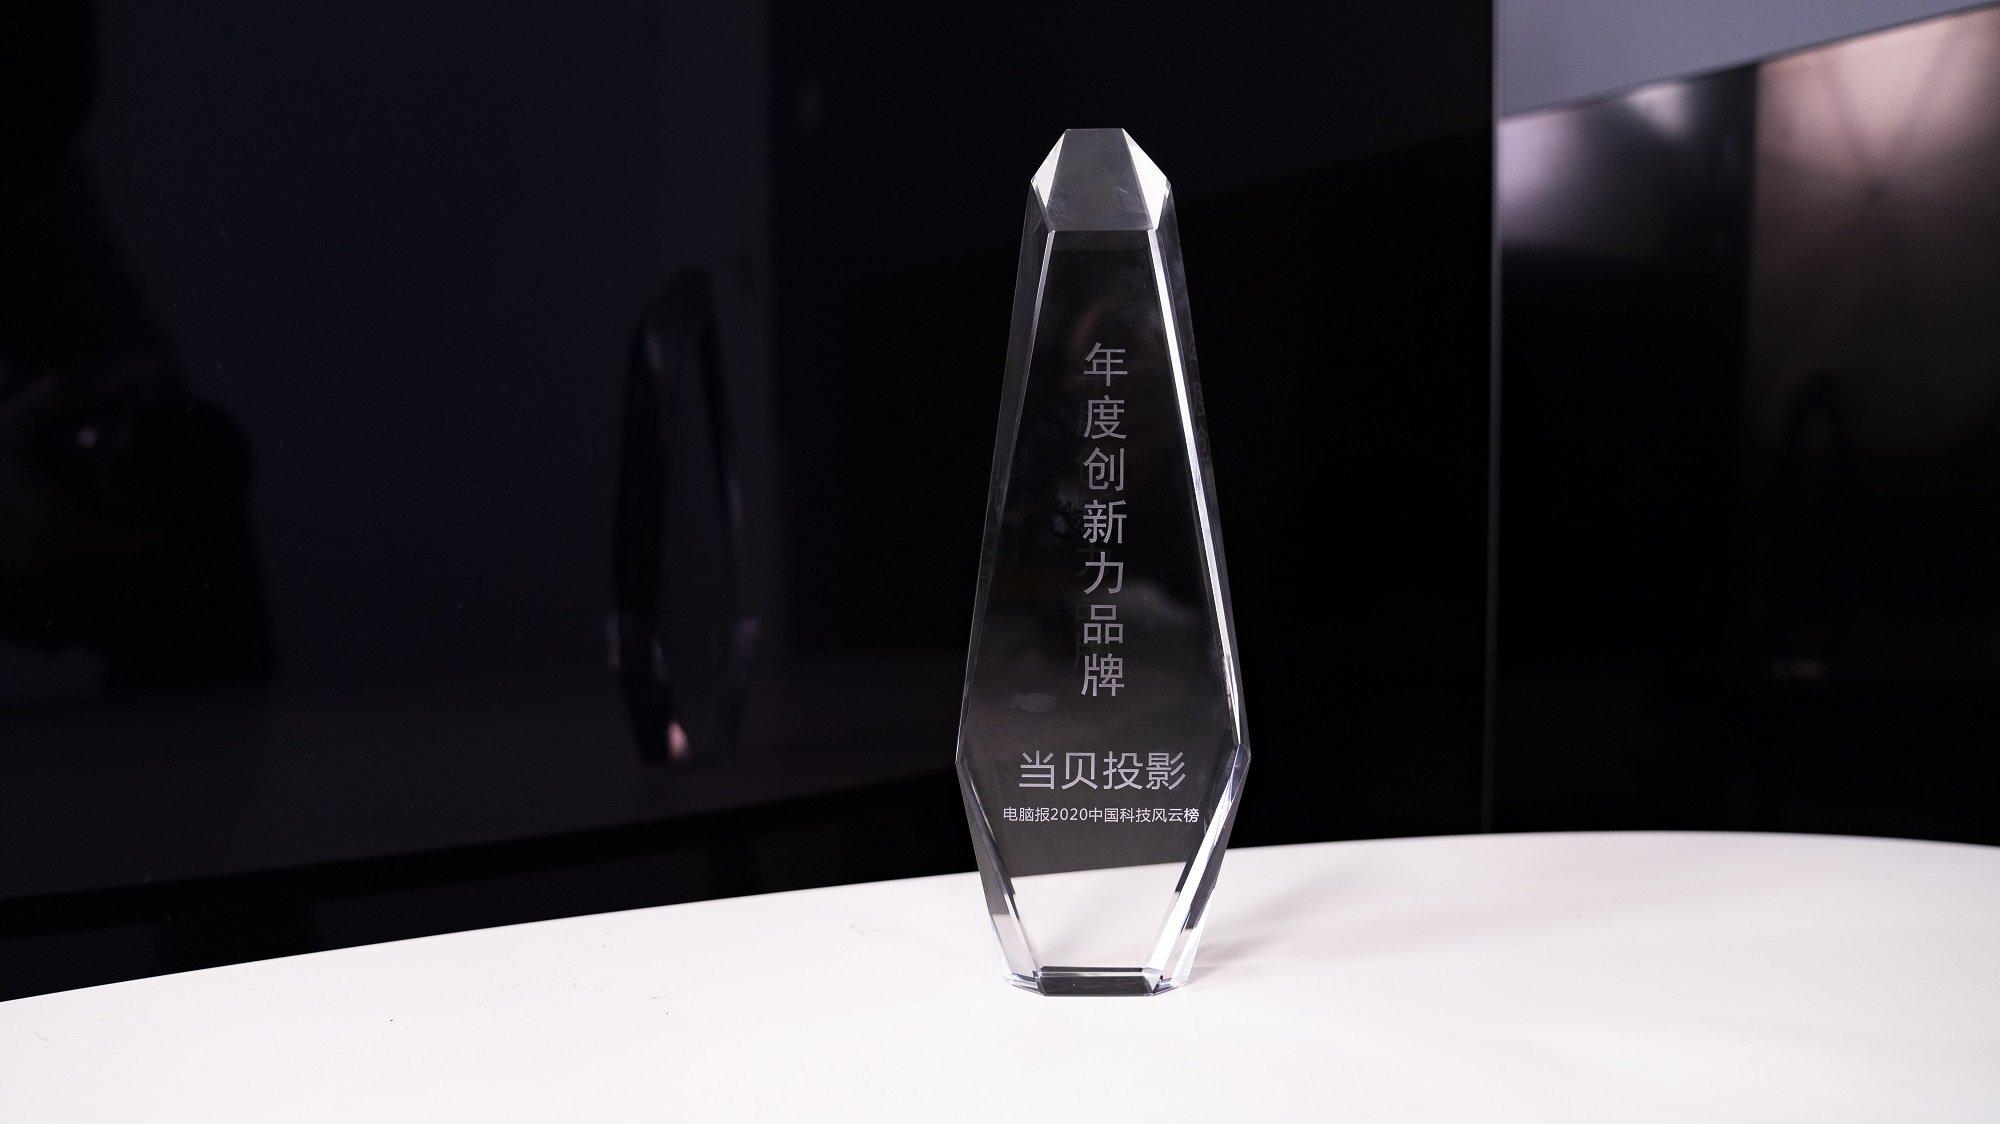 2020电脑报中国科技风云榜颁奖:当贝投影荣获两大奖项